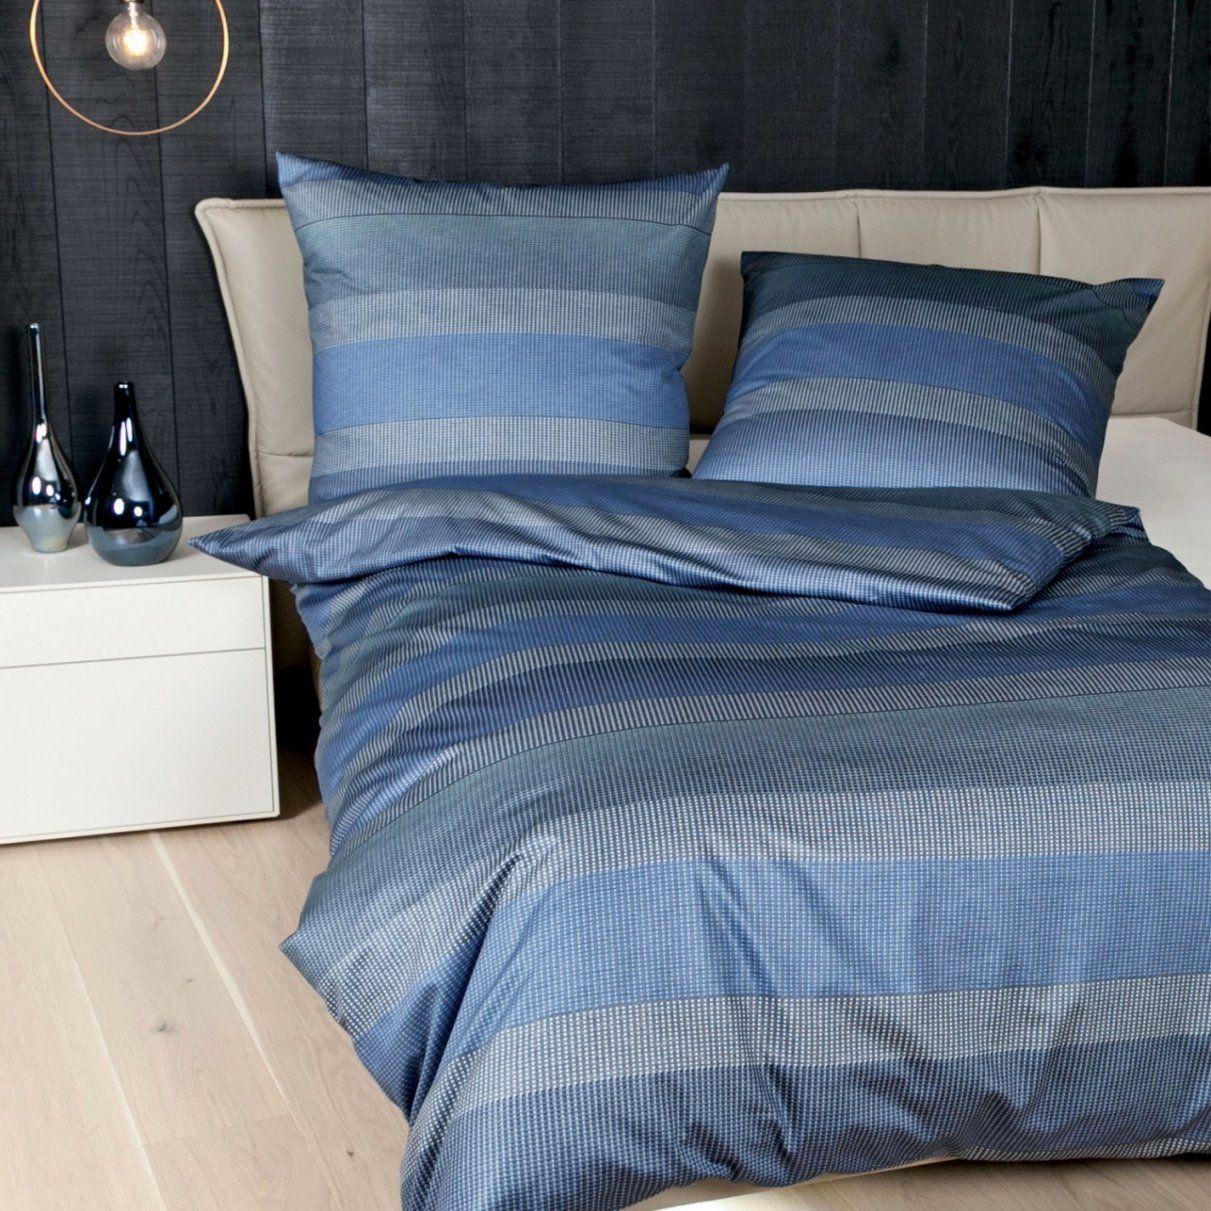 Bettwäsche Design Ideen Und Bilder  Host4Rich von Bettwäsche 155X200 Mako Satin Bild